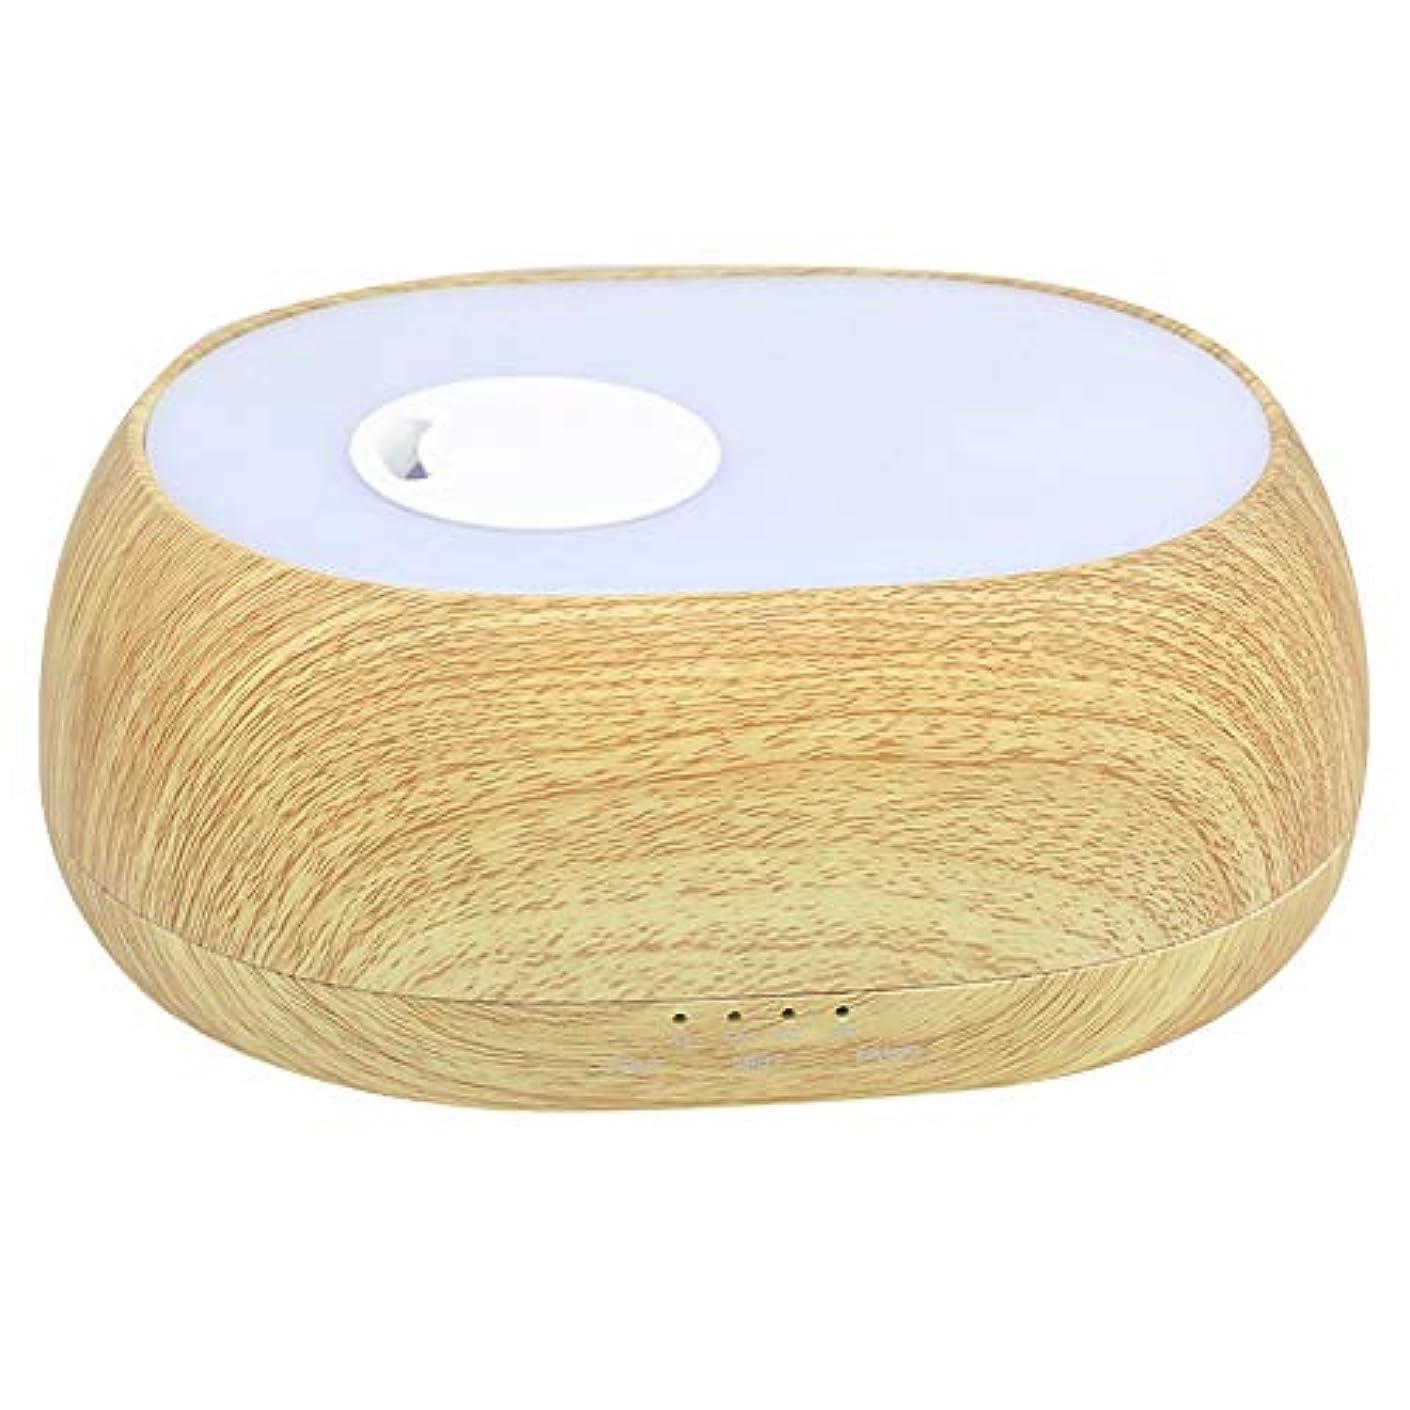 言い訳カバー謙虚加湿器 超音波 クールミスト 7色ライト アロマセラピー 芳香 オイル蒸発器 ディフューザー エッセンシャルオイル エアー浄化 (500ml)(#1)